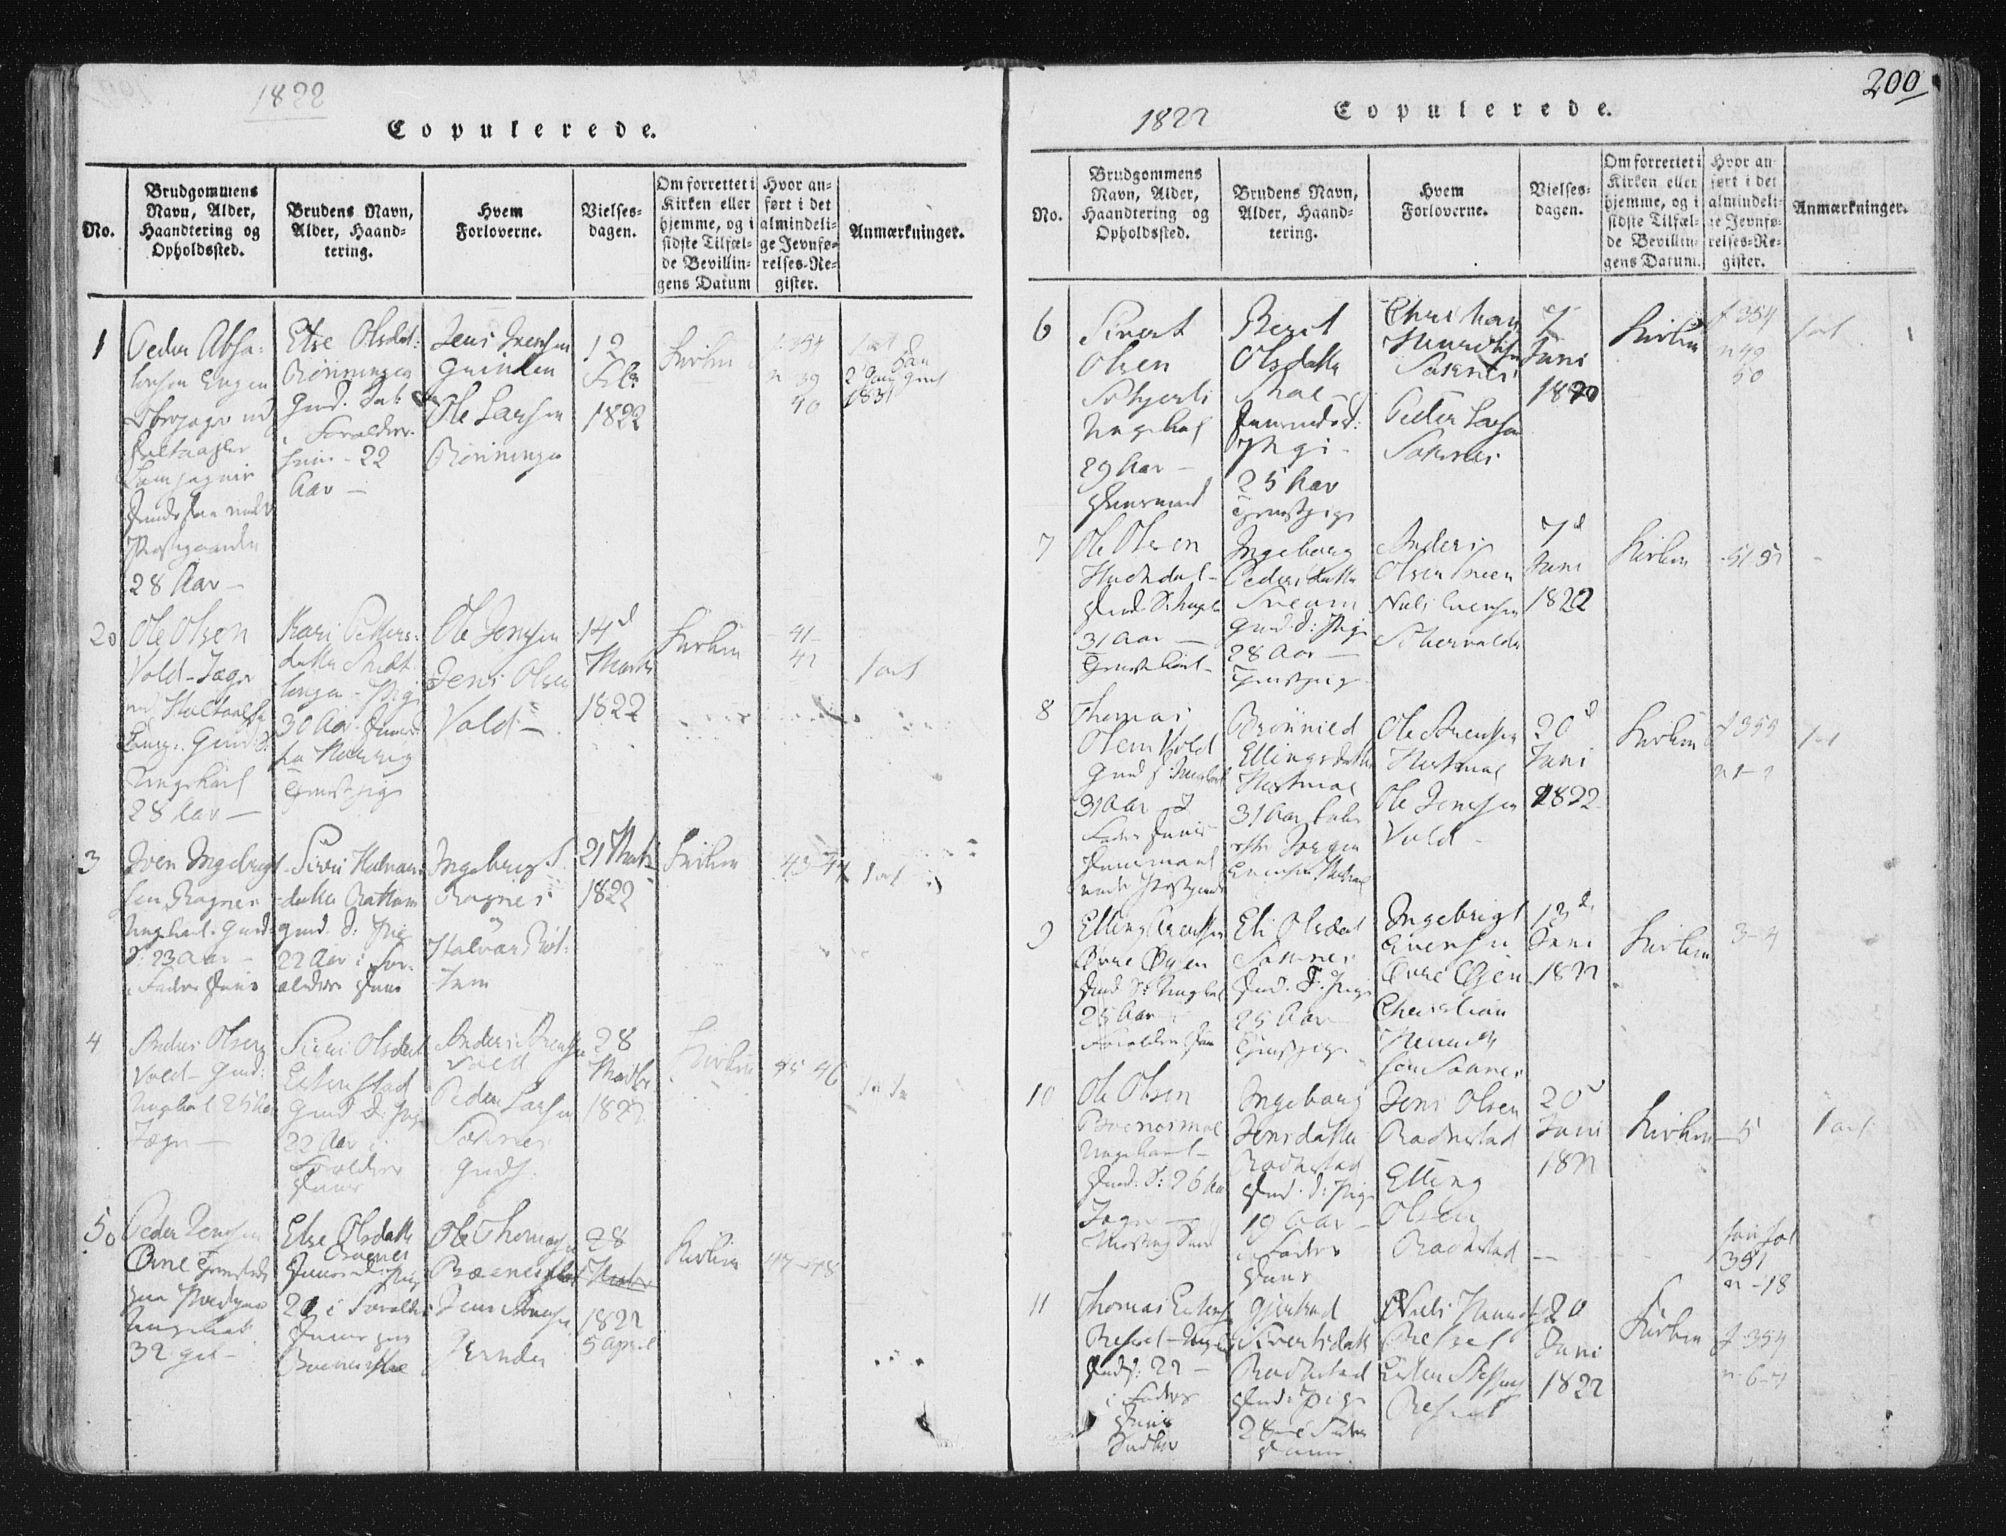 SAT, Ministerialprotokoller, klokkerbøker og fødselsregistre - Sør-Trøndelag, 687/L0996: Ministerialbok nr. 687A04, 1816-1842, s. 200